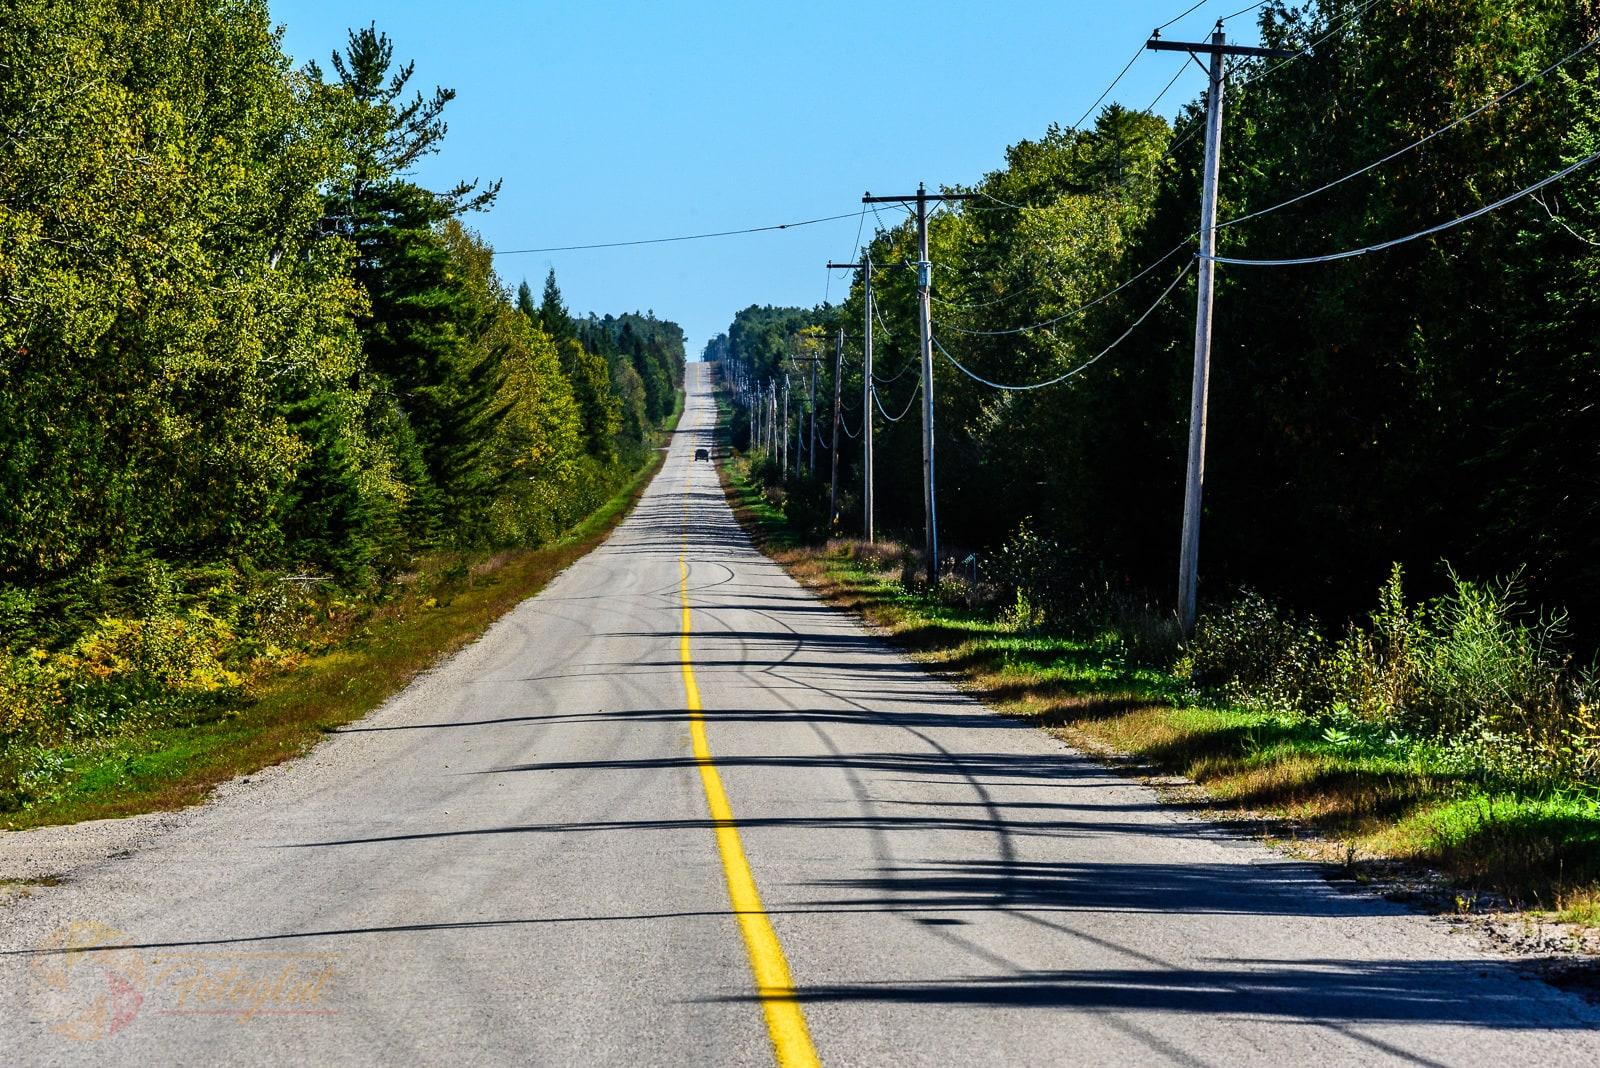 Manitoulin Island - Ontario - Kanada 1-FotoGlut - die Welt in all ihren Farben